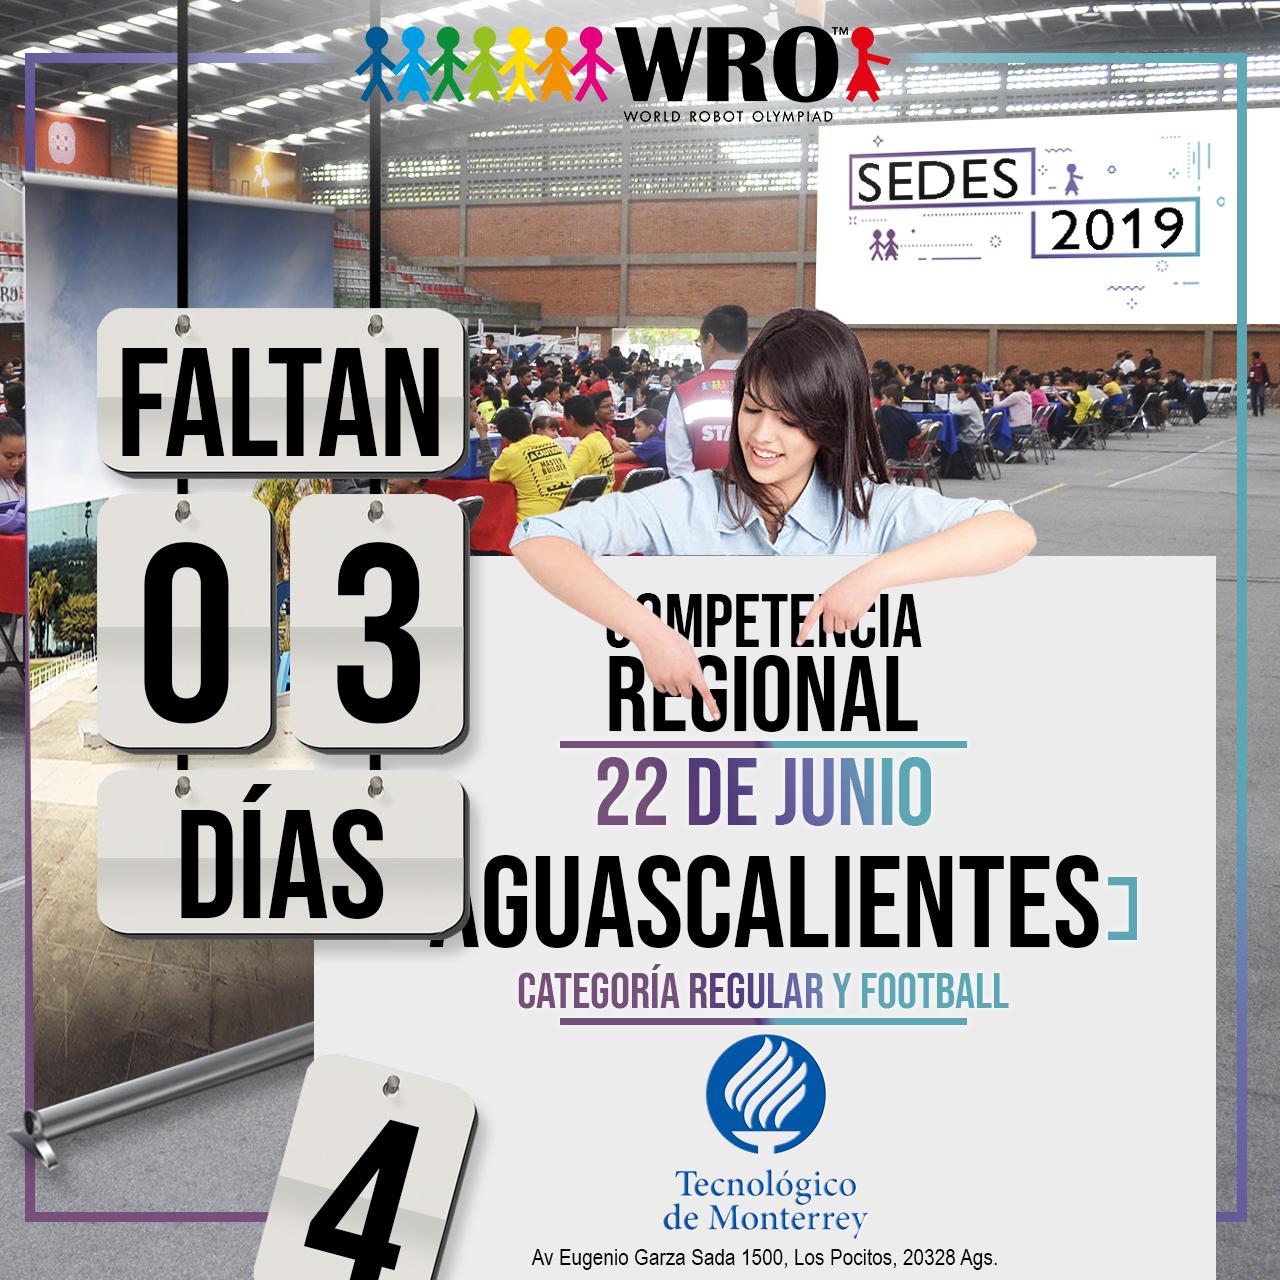 WRO México | Faltan 3 días Sede Aguascalientes